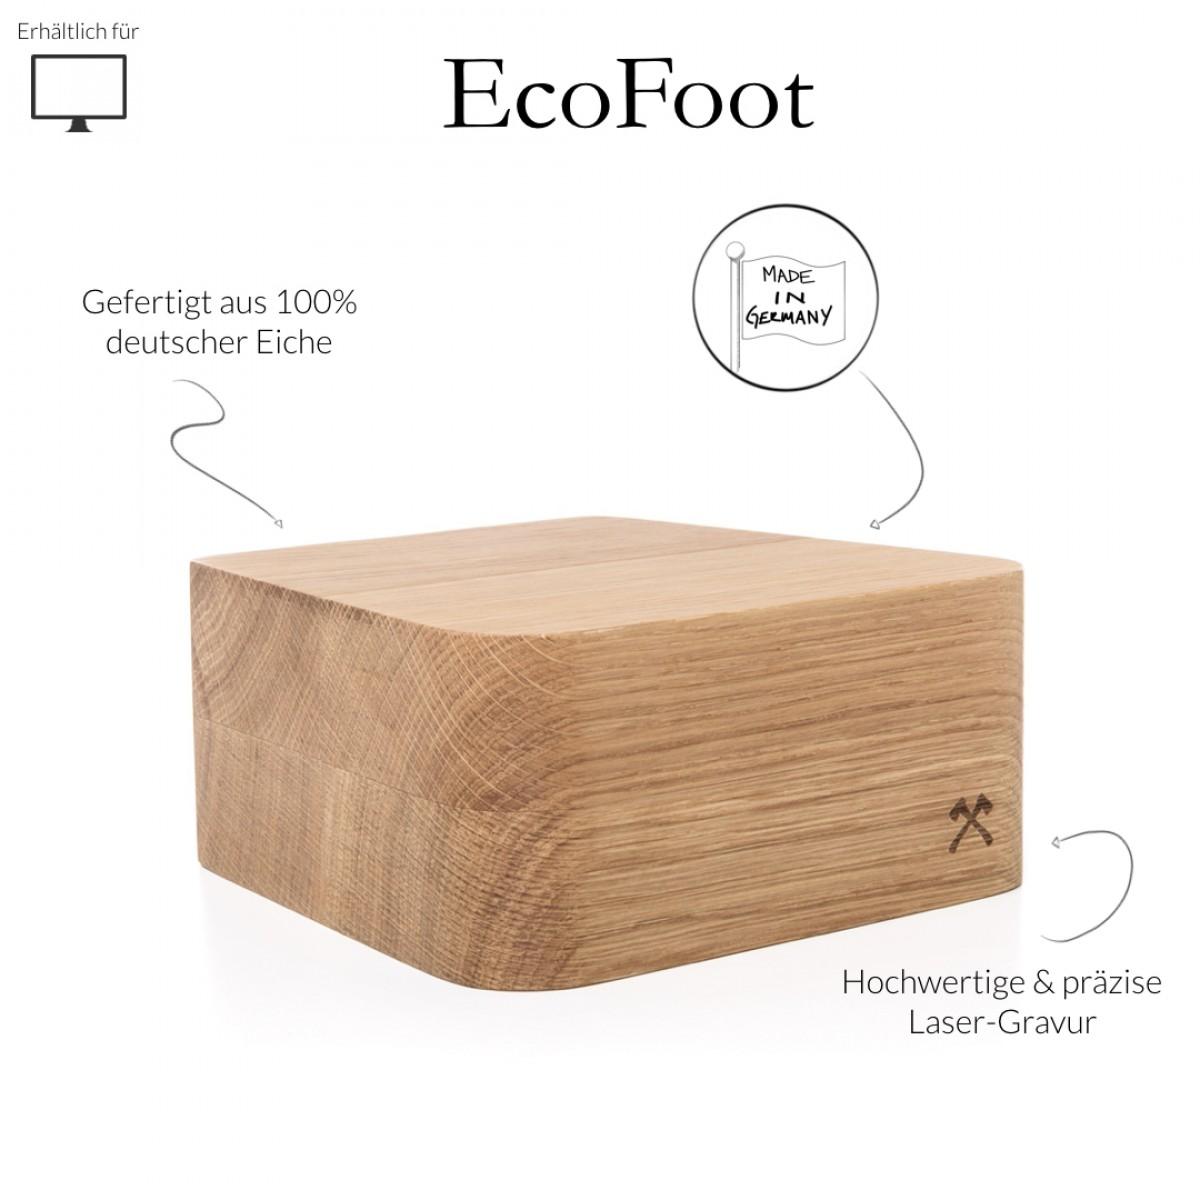 """Woodcessories - EcoFoot iMac Stand - Premium Design Monitorständer, Bildschirmständer, Erhöhung für den Apple iMac aus massivem Holz (21,5"""", Eiche)"""